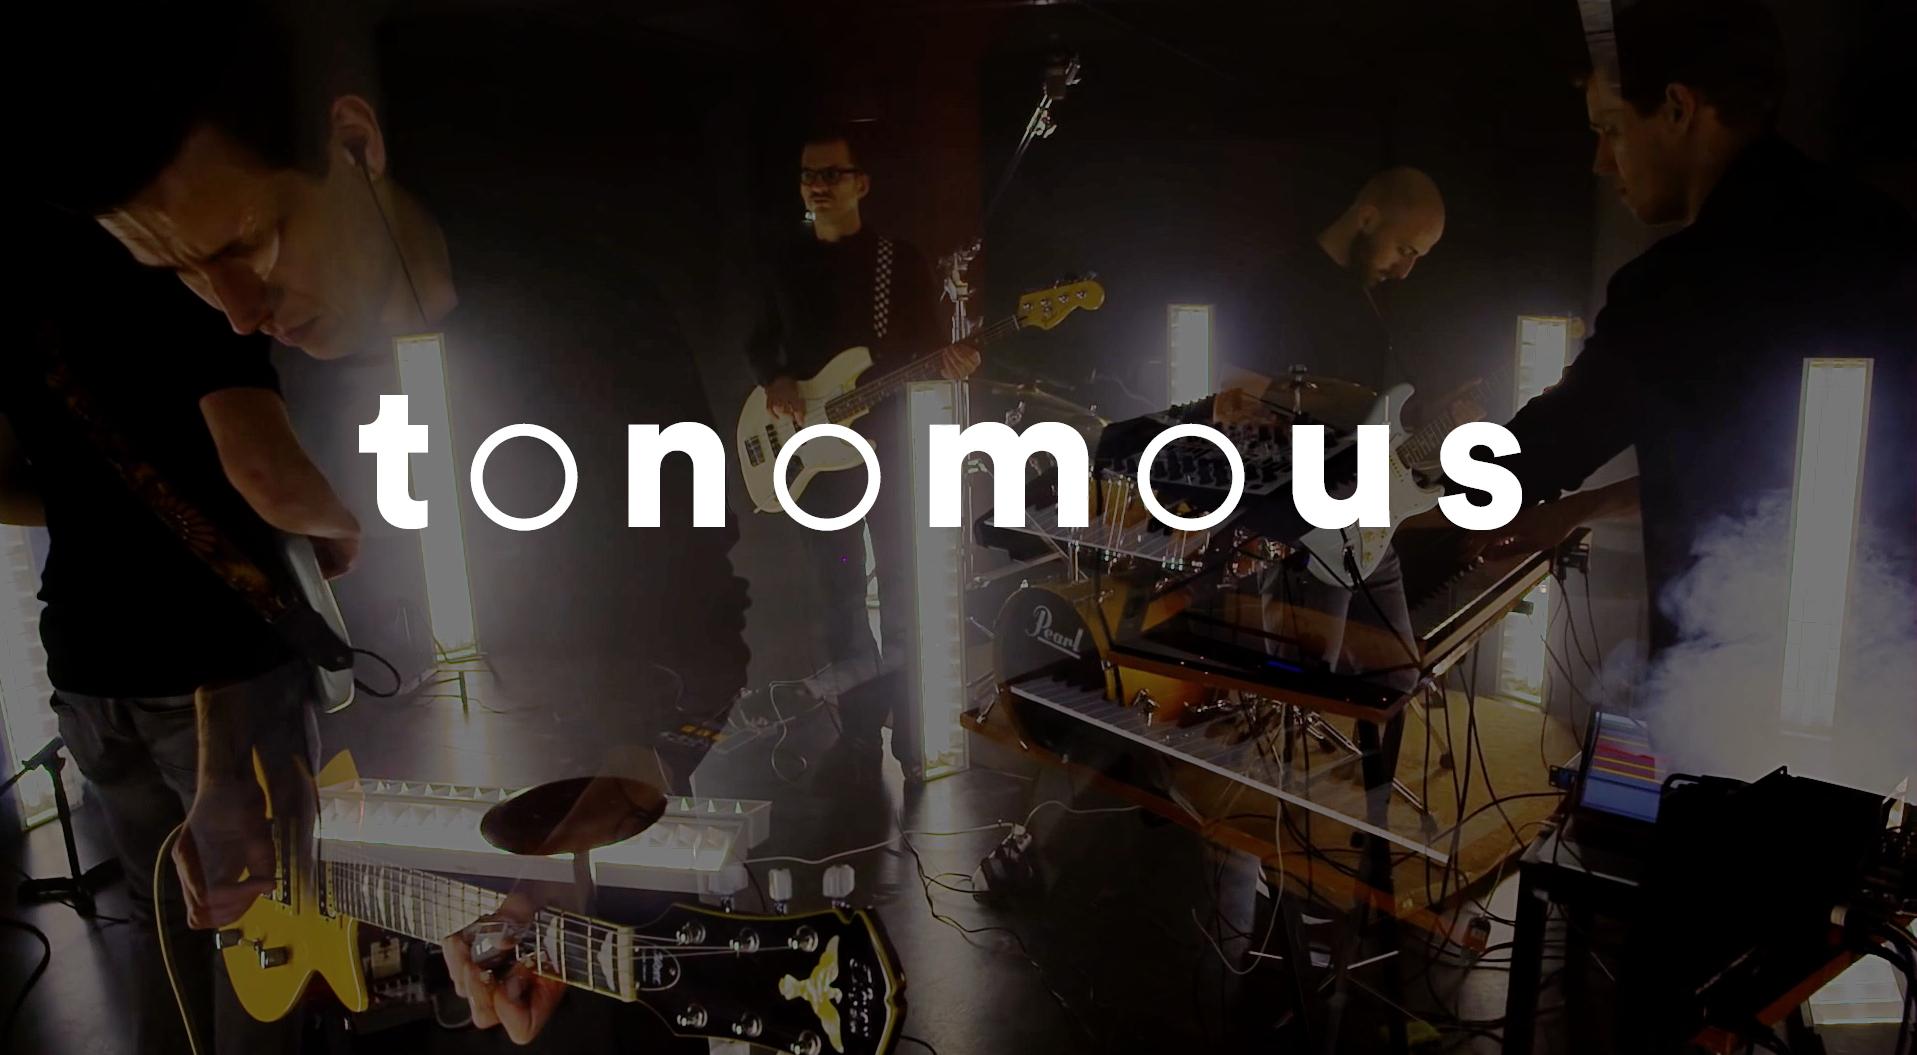 Tonomous